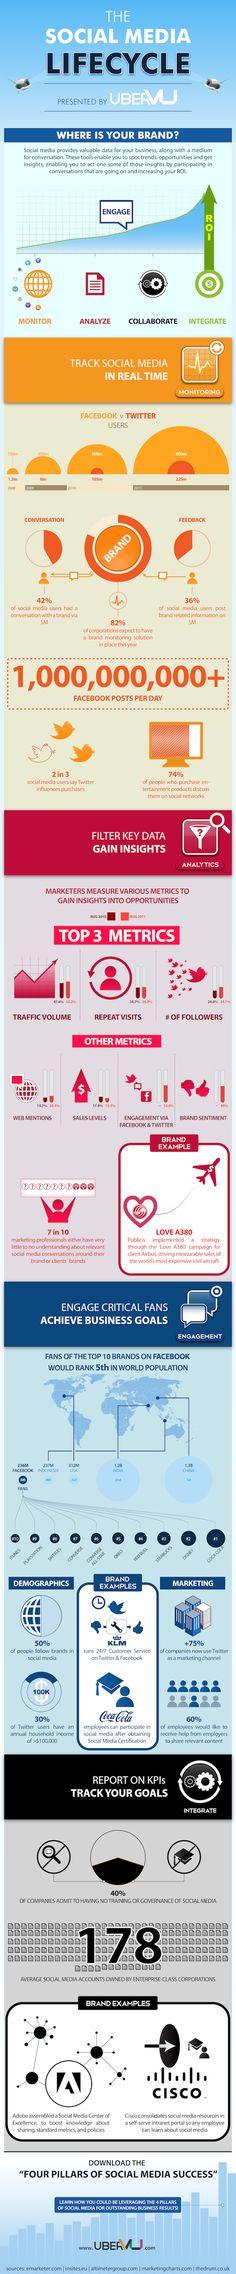 El ciclo de vida en Redes Sociales(infografía)